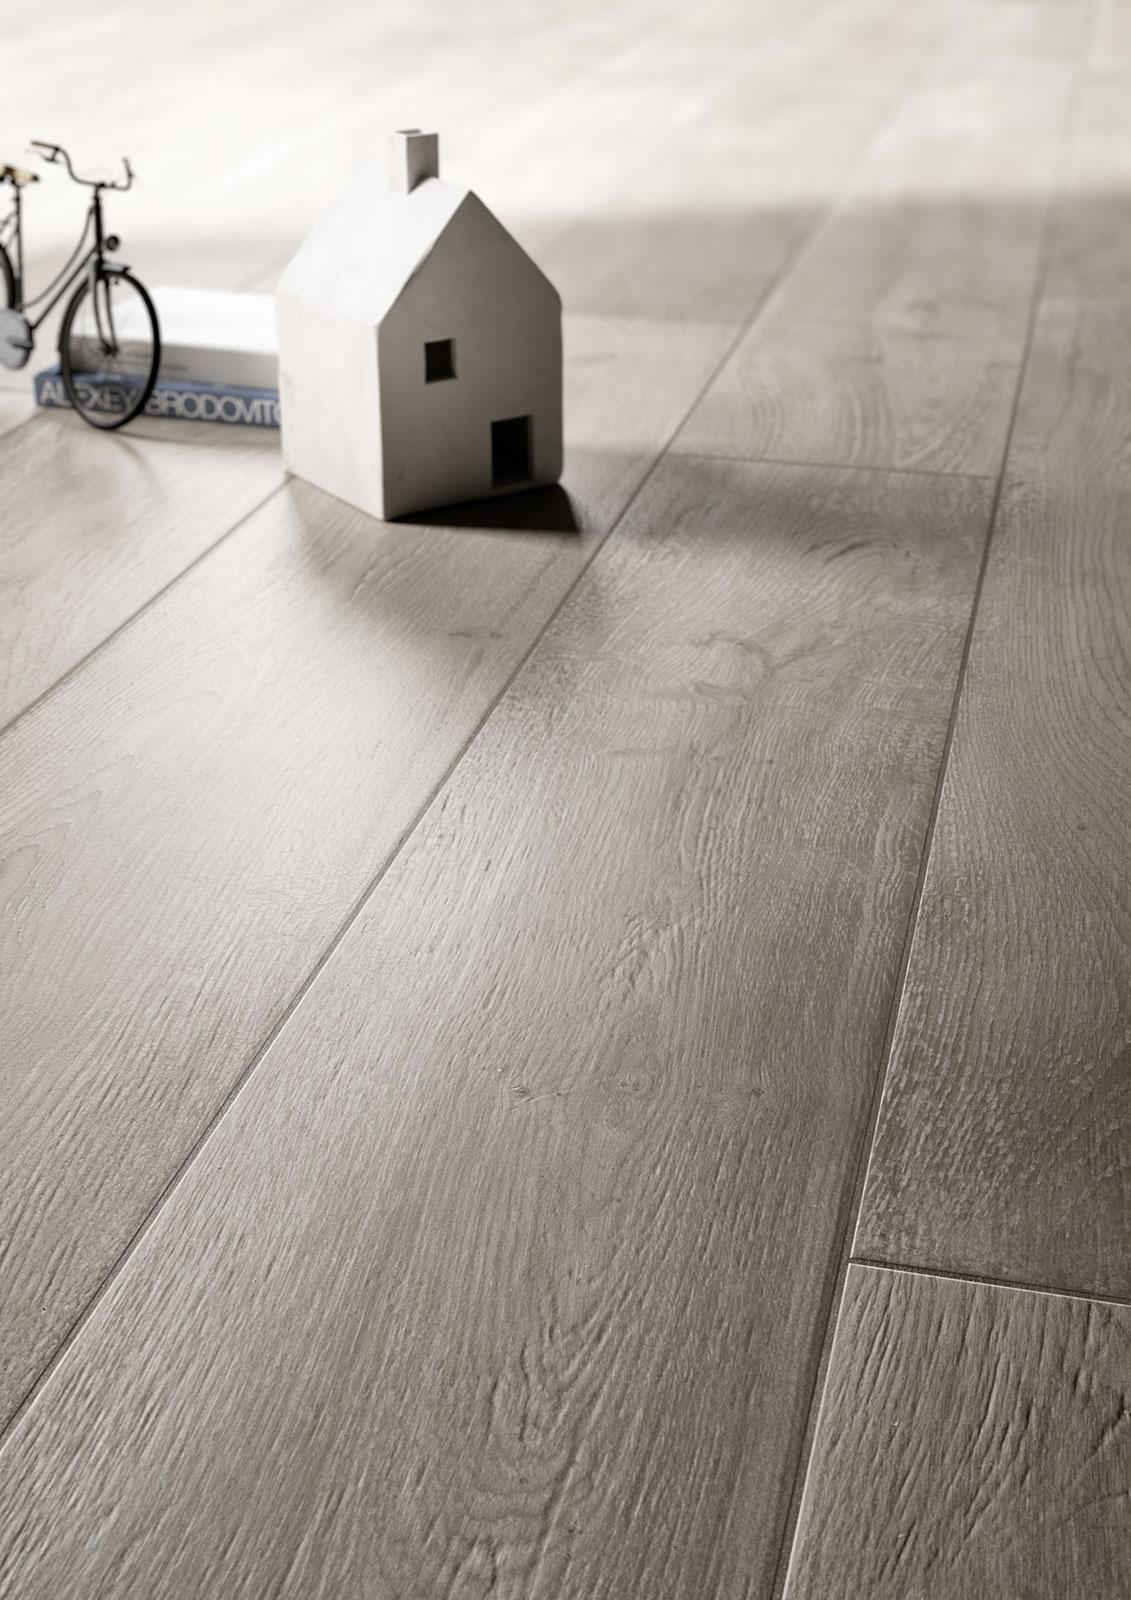 Treverktime gres pavimento effetto legno marazzi - Piastrelle color legno ...